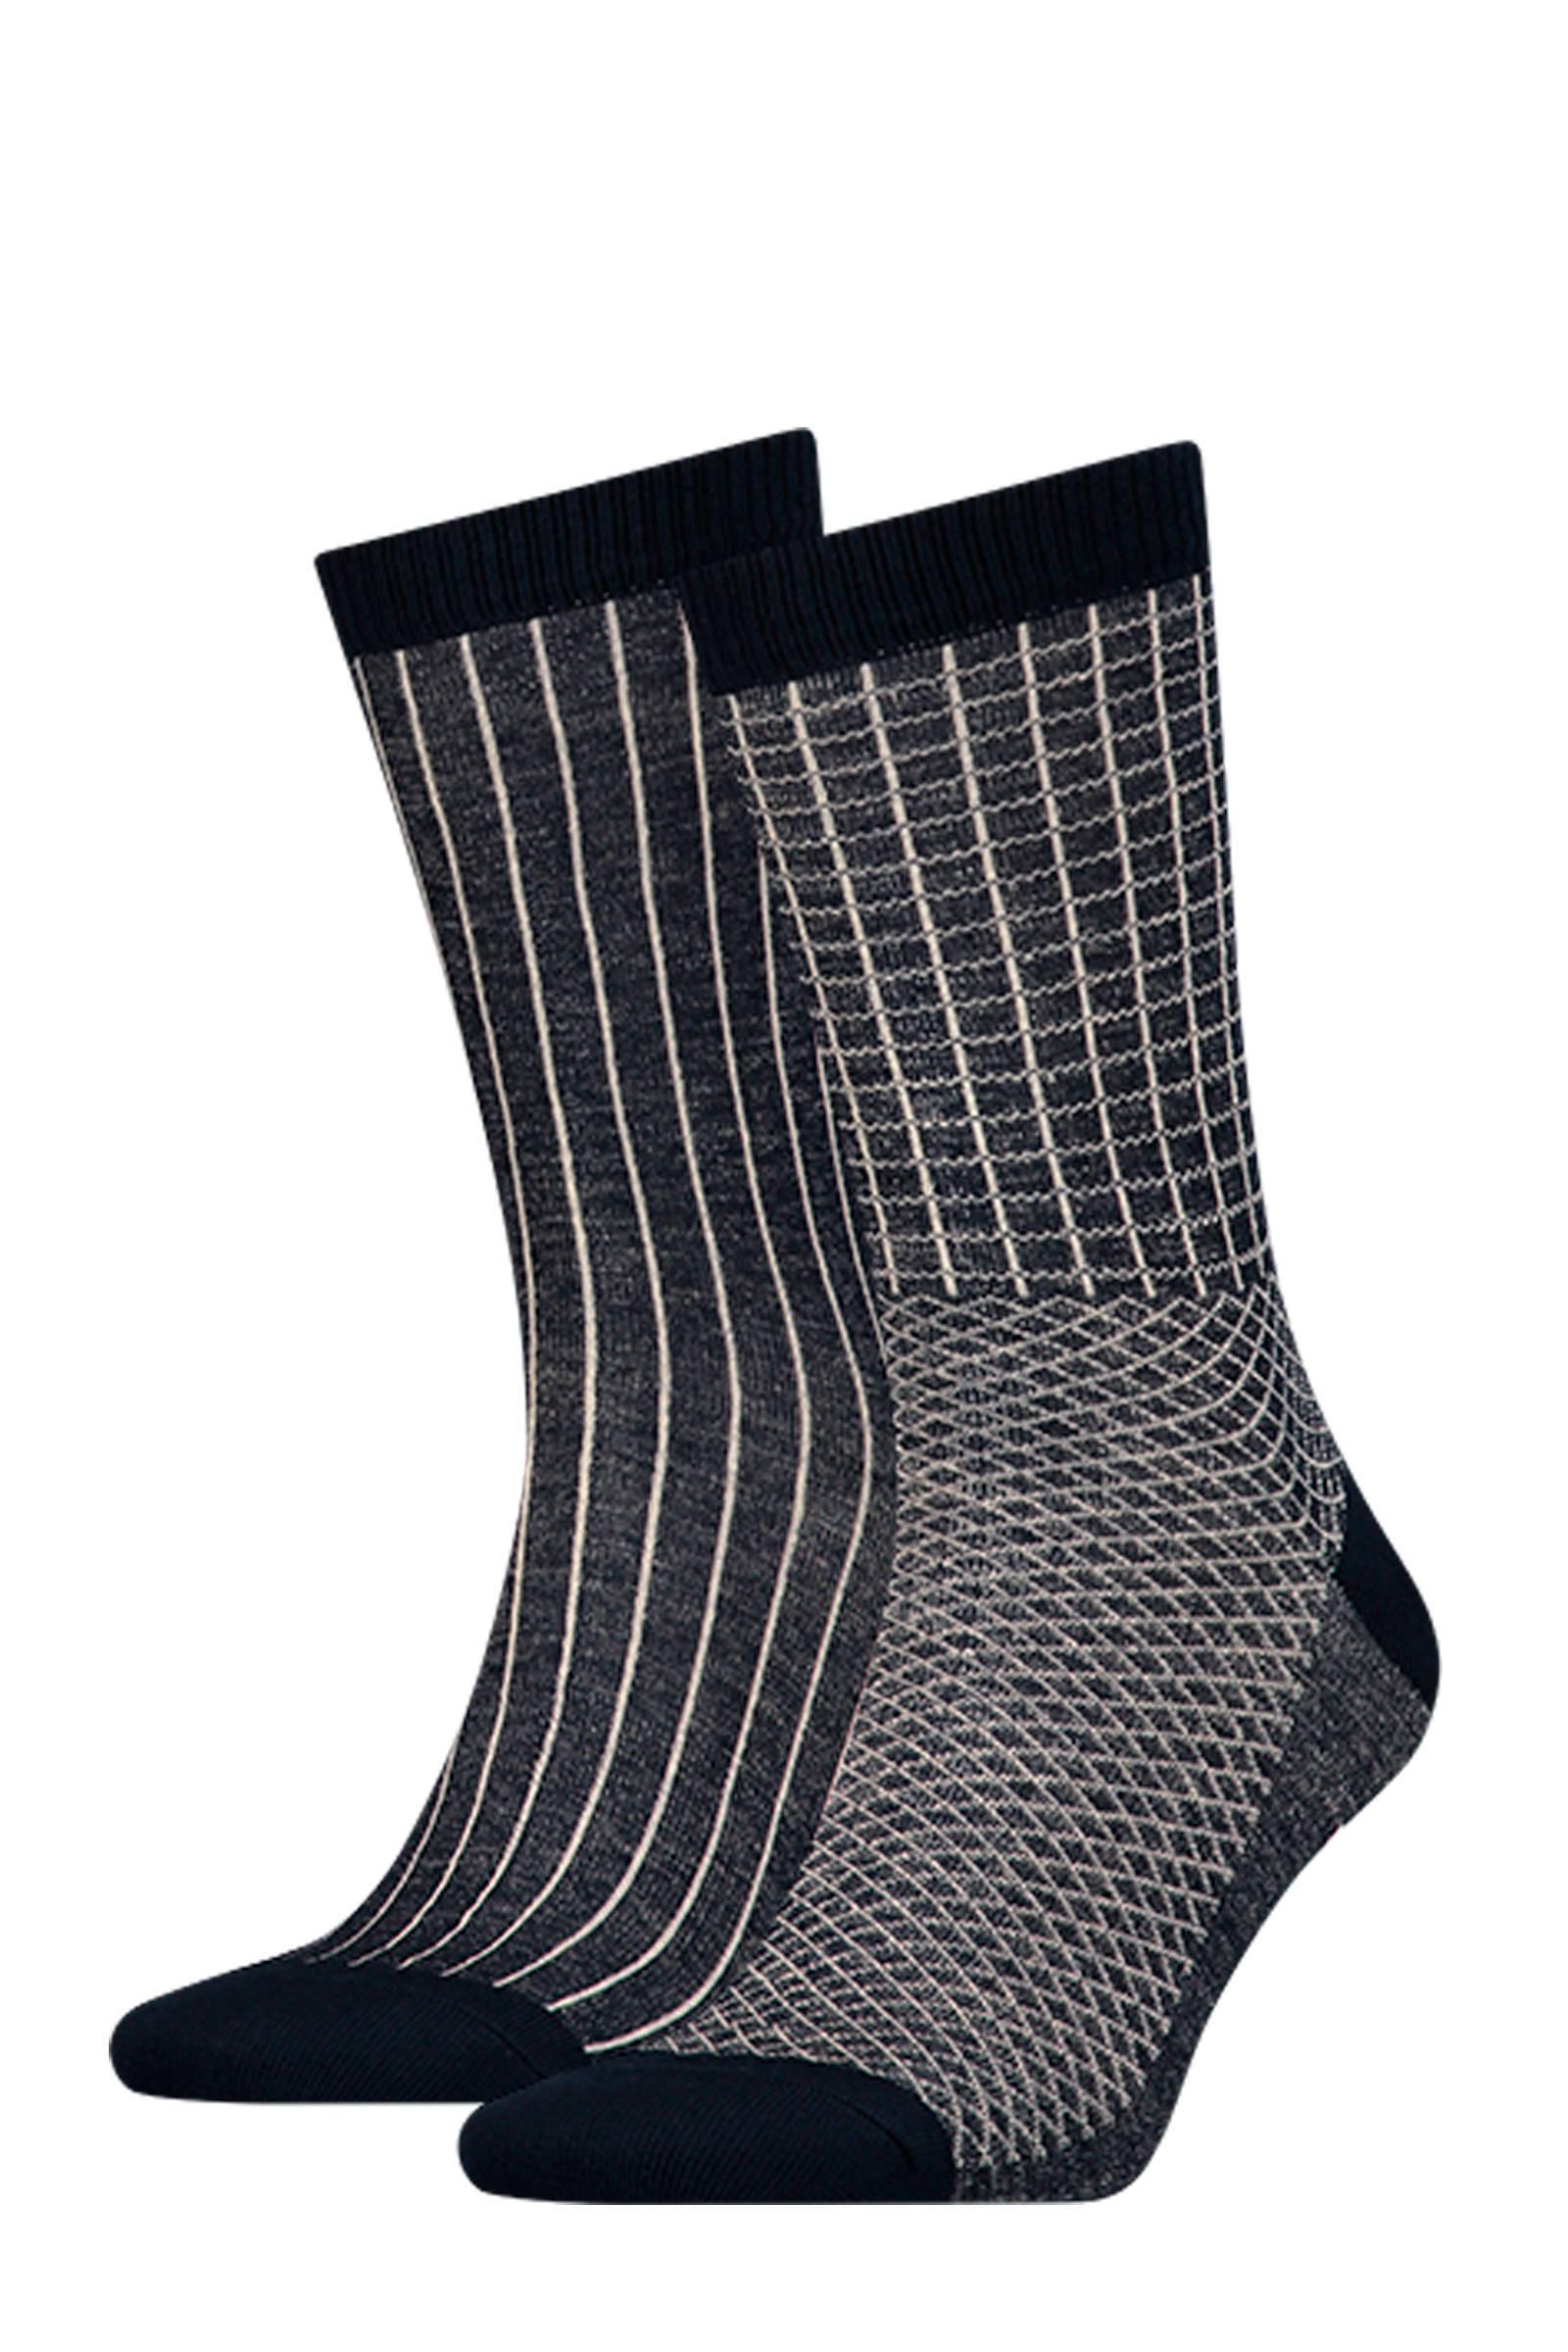 Levi's sokken - 2 paar